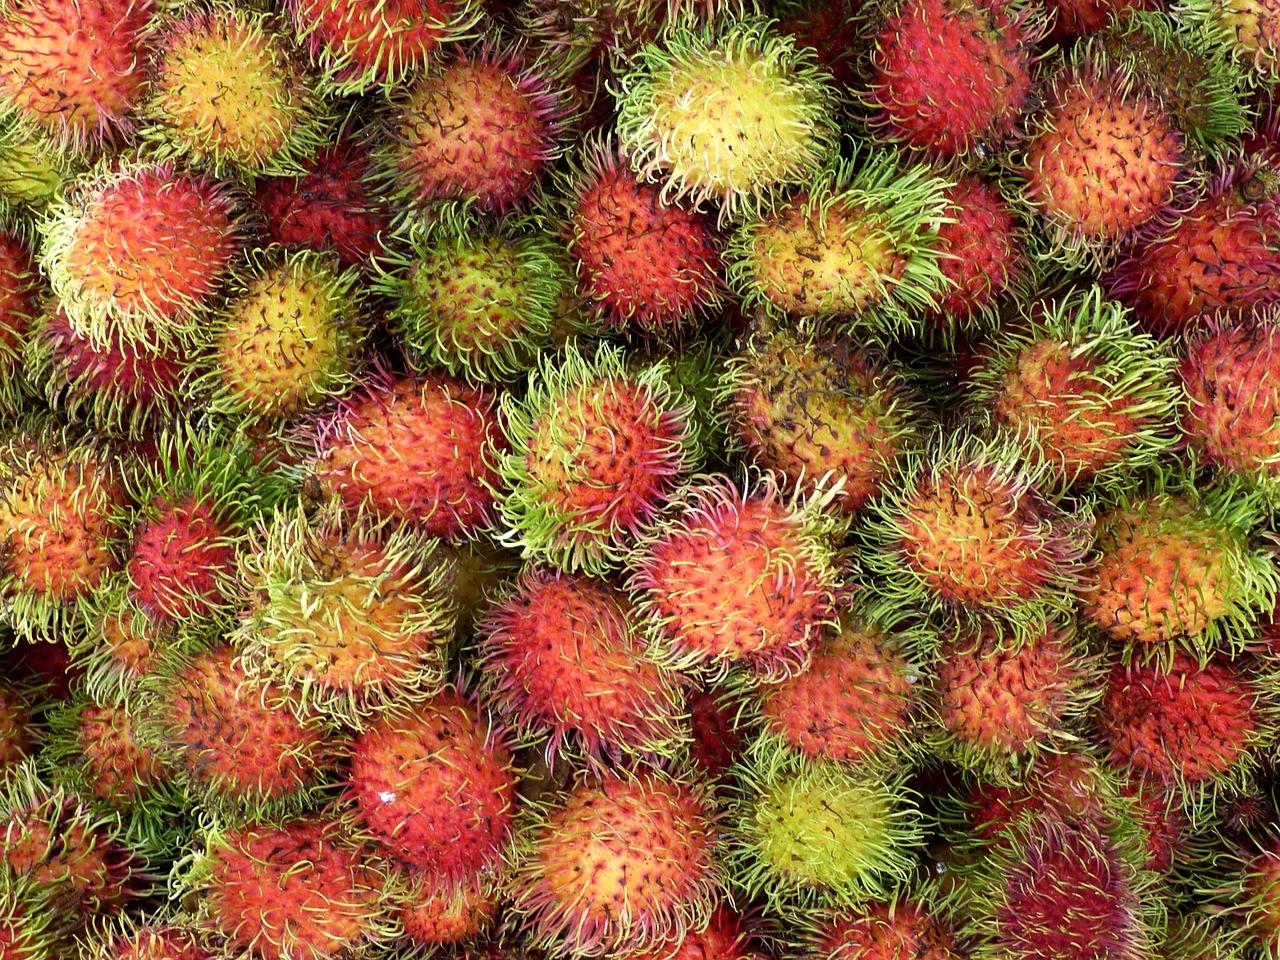 Rambutan – Exotisch und Einzigartig